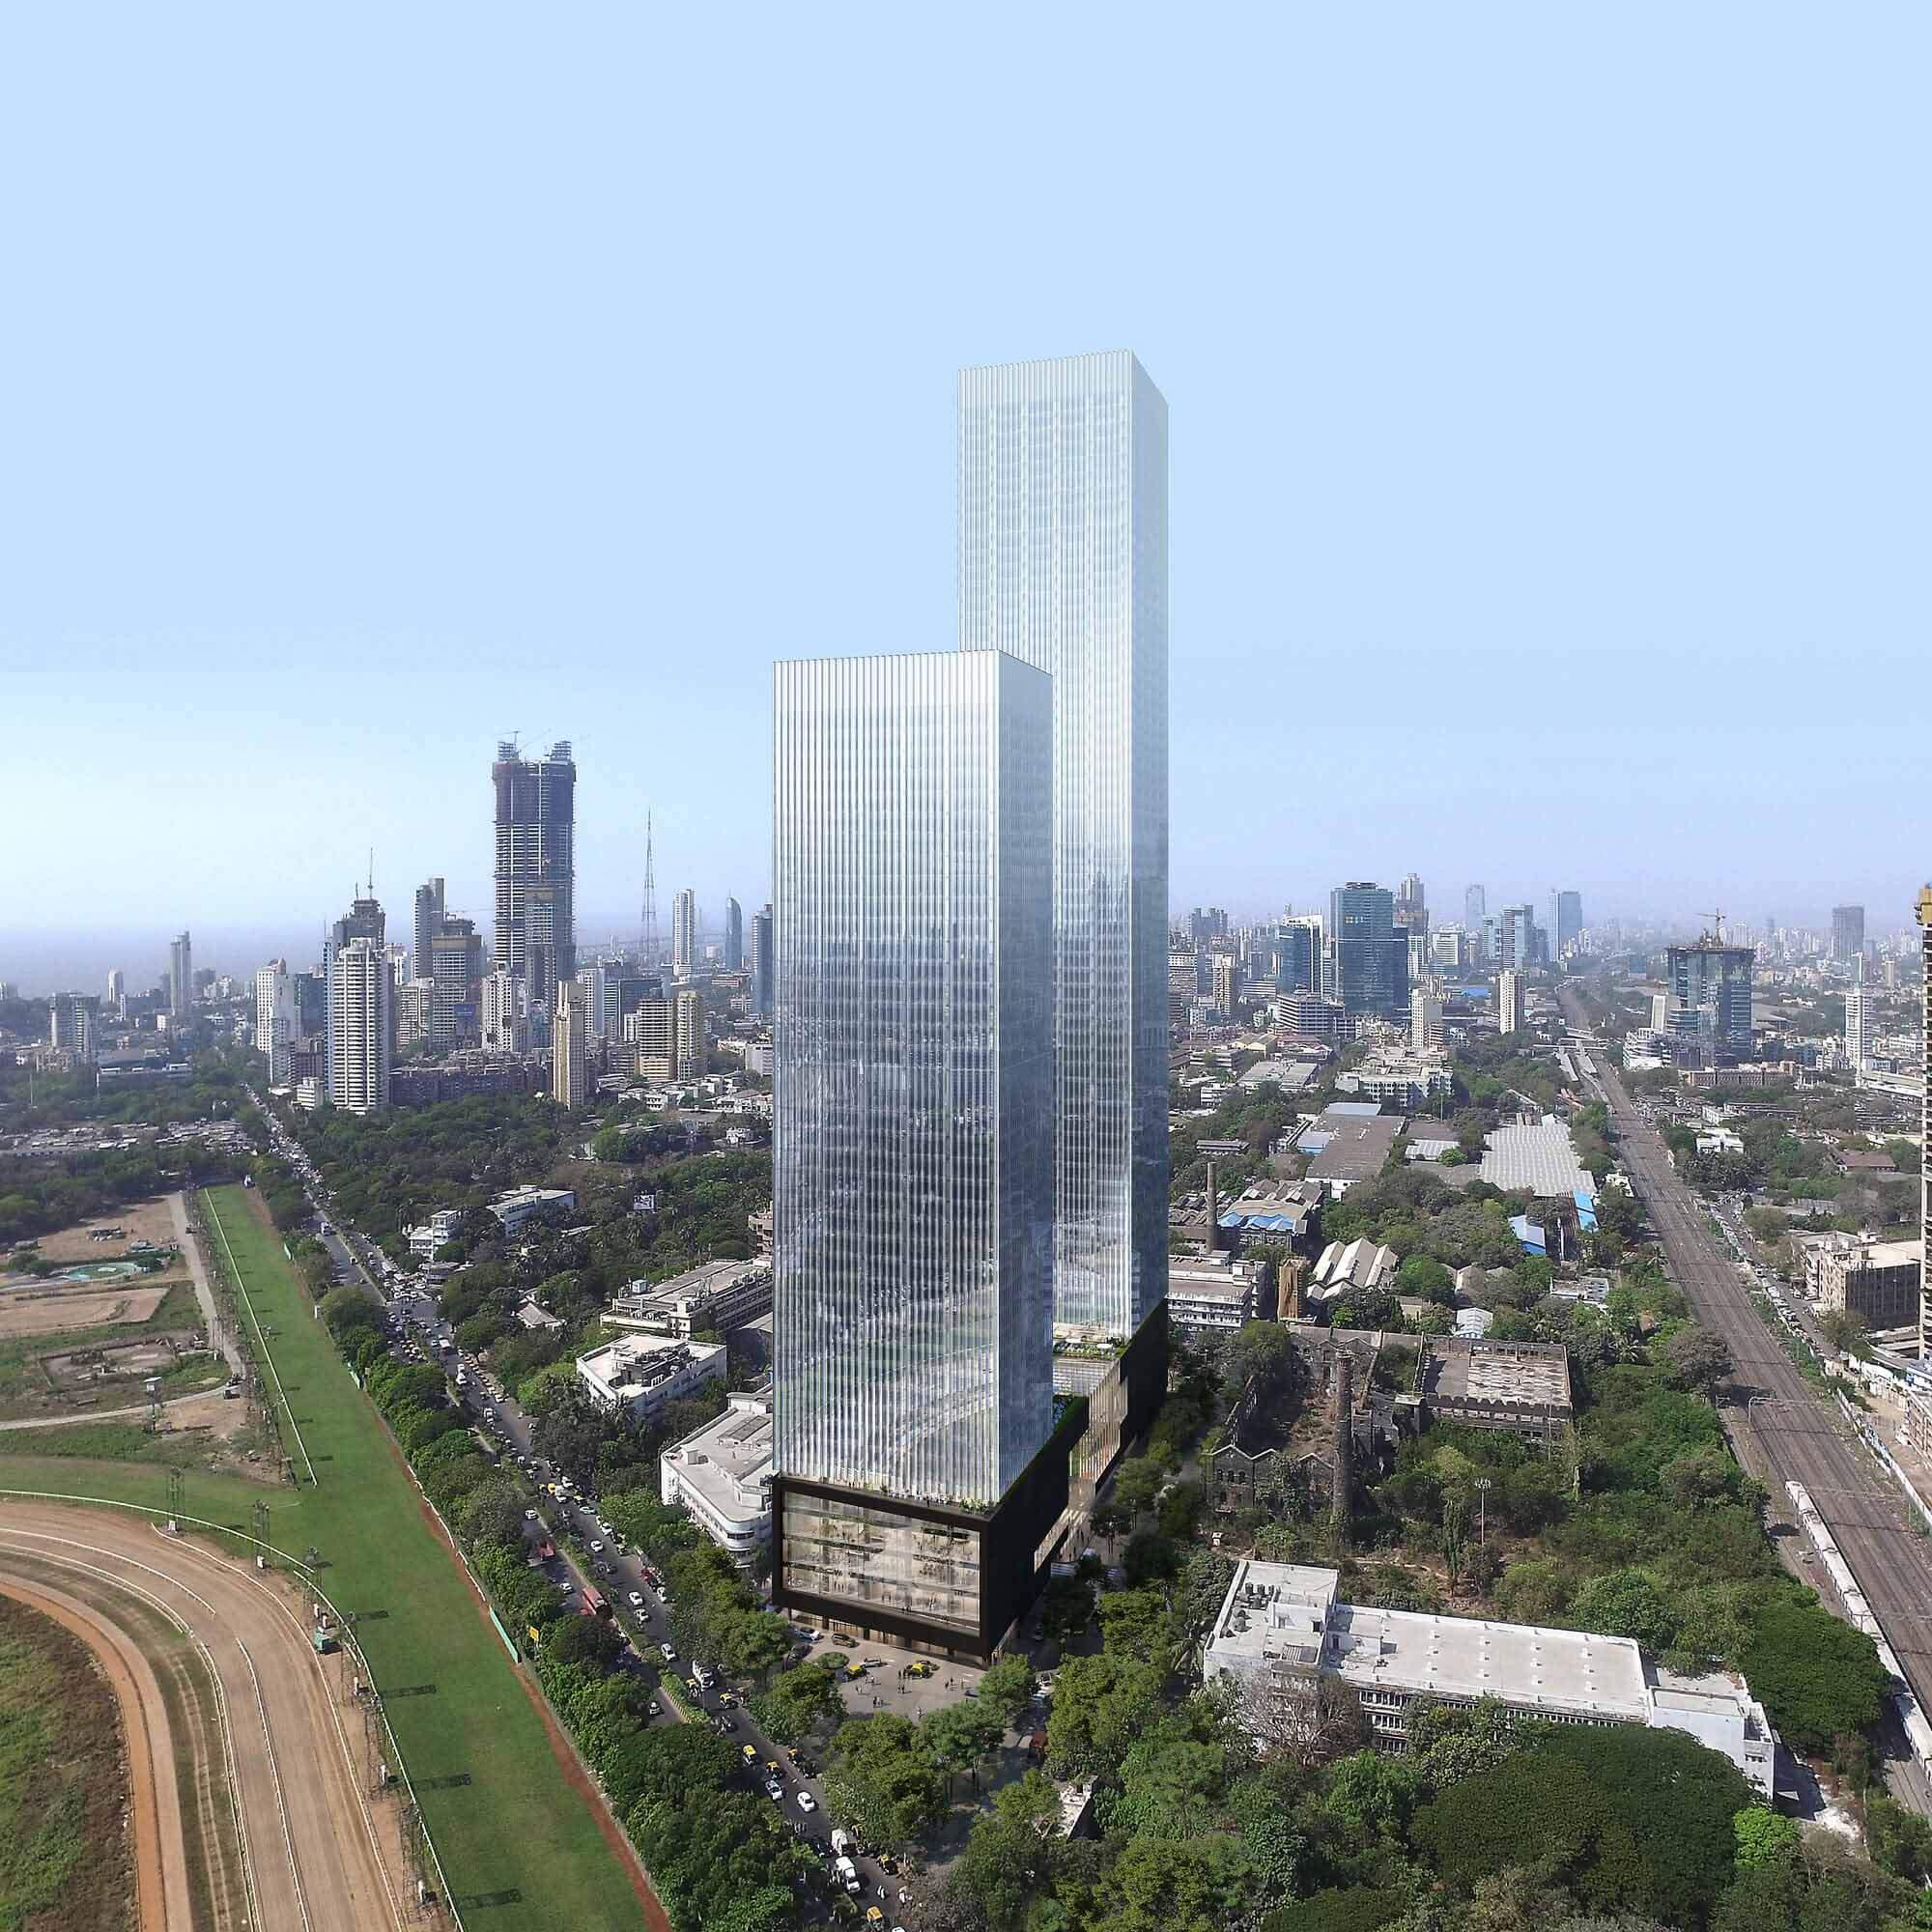 Началось строительство Prestige Liberty Towers OMA / Iyad Alsaka, многофункционального комплекса в Мумбаи, Индия